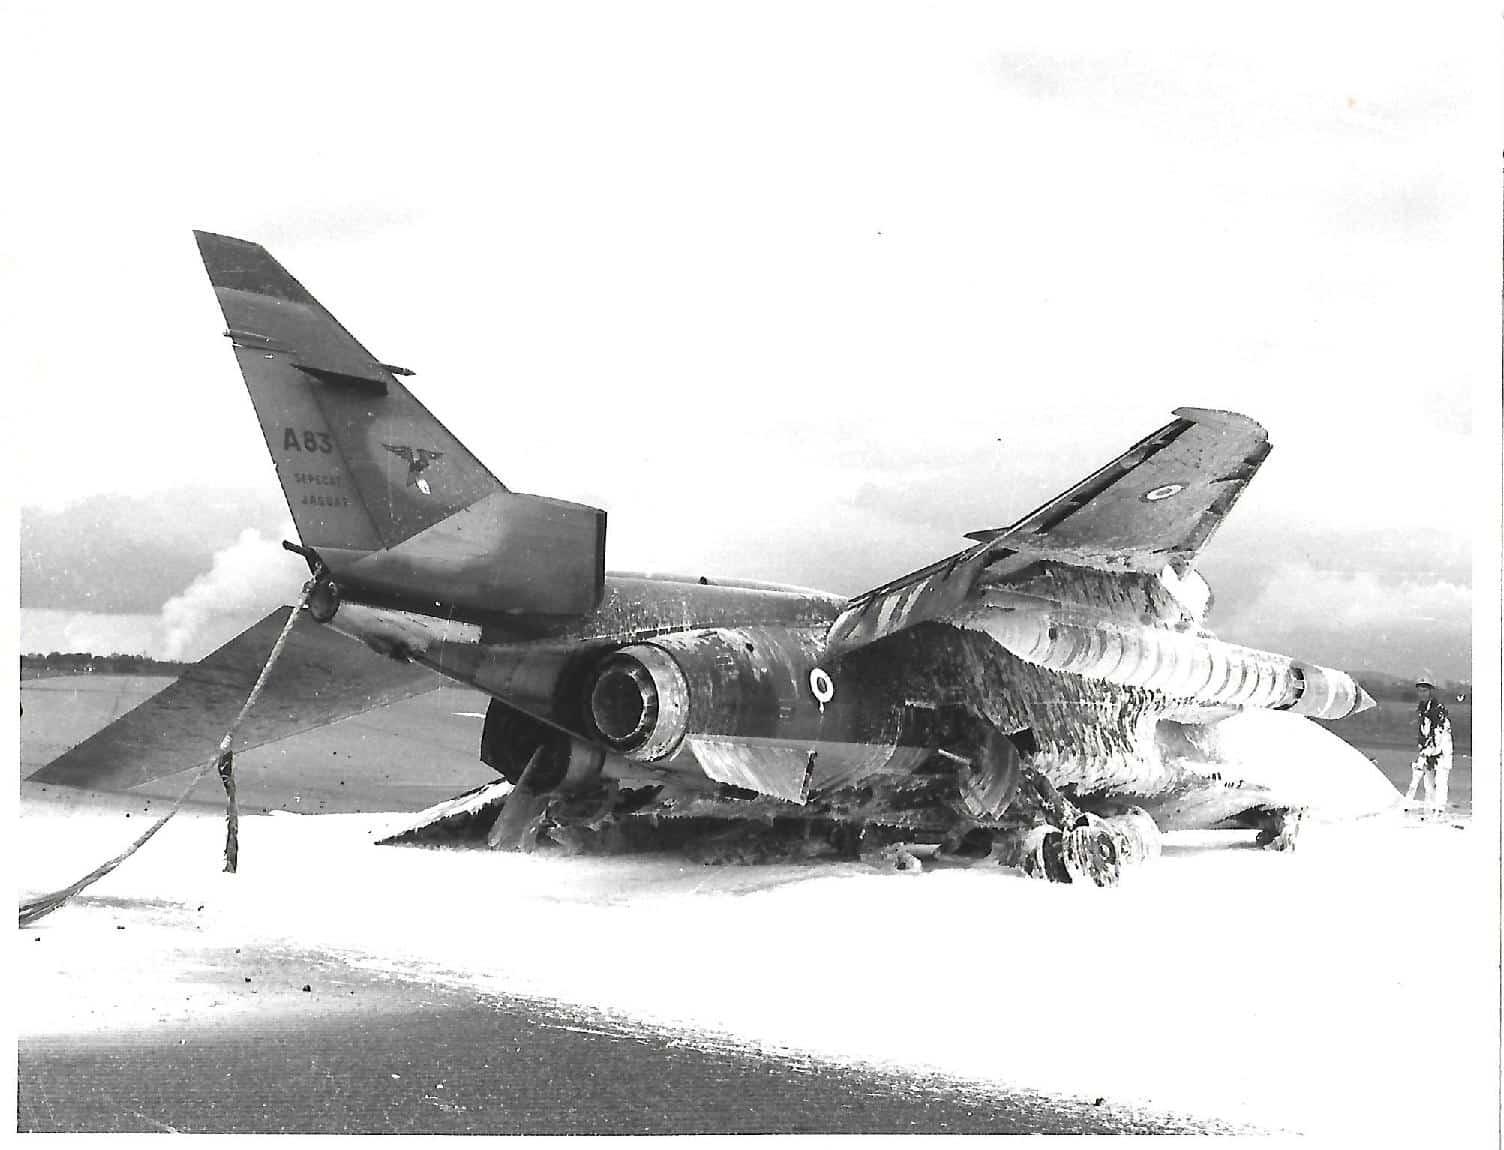 Crash A83